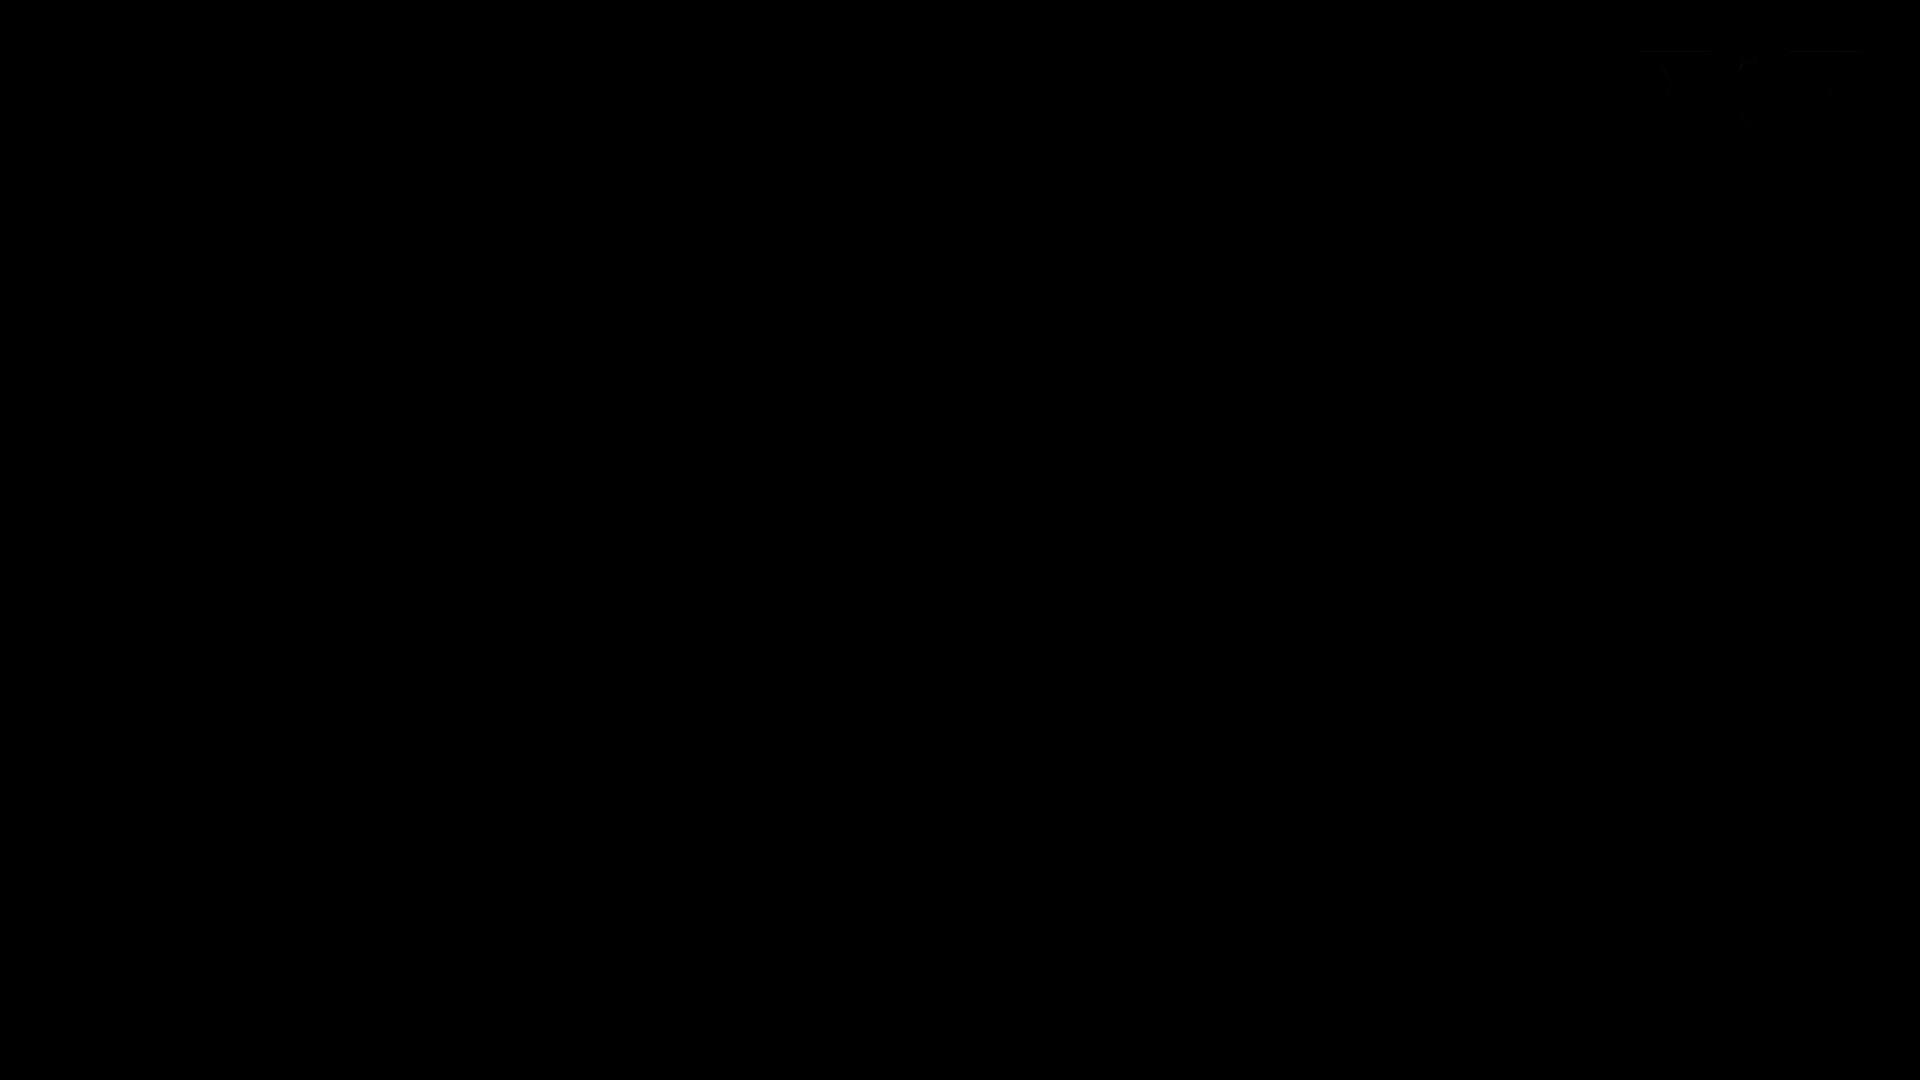 芸術大学ガチ潜入盗撮 JD盗撮 美女の洗面所の秘密 Vol.108 潜入エロ調査 | トイレ中  86連発 22